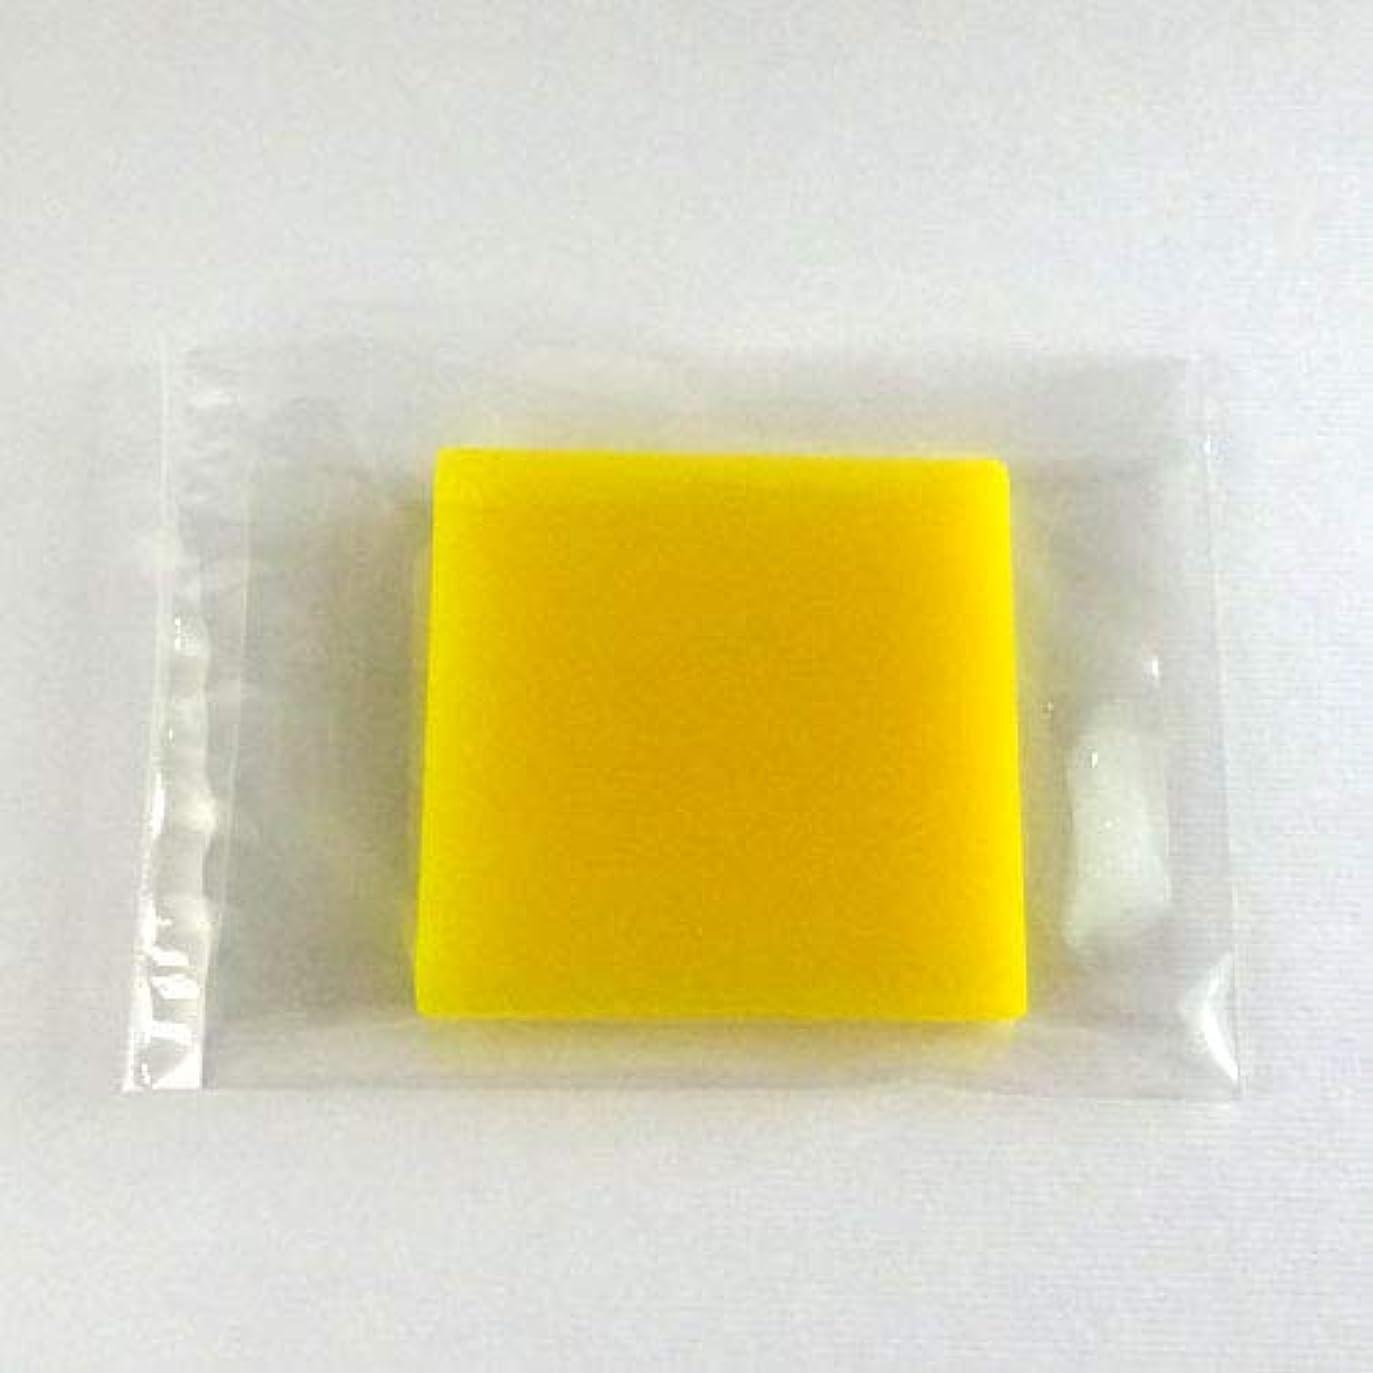 シュリンクベースハロウィングリセリンソープ MPソープ 色チップ 黄(イエロー) 30g